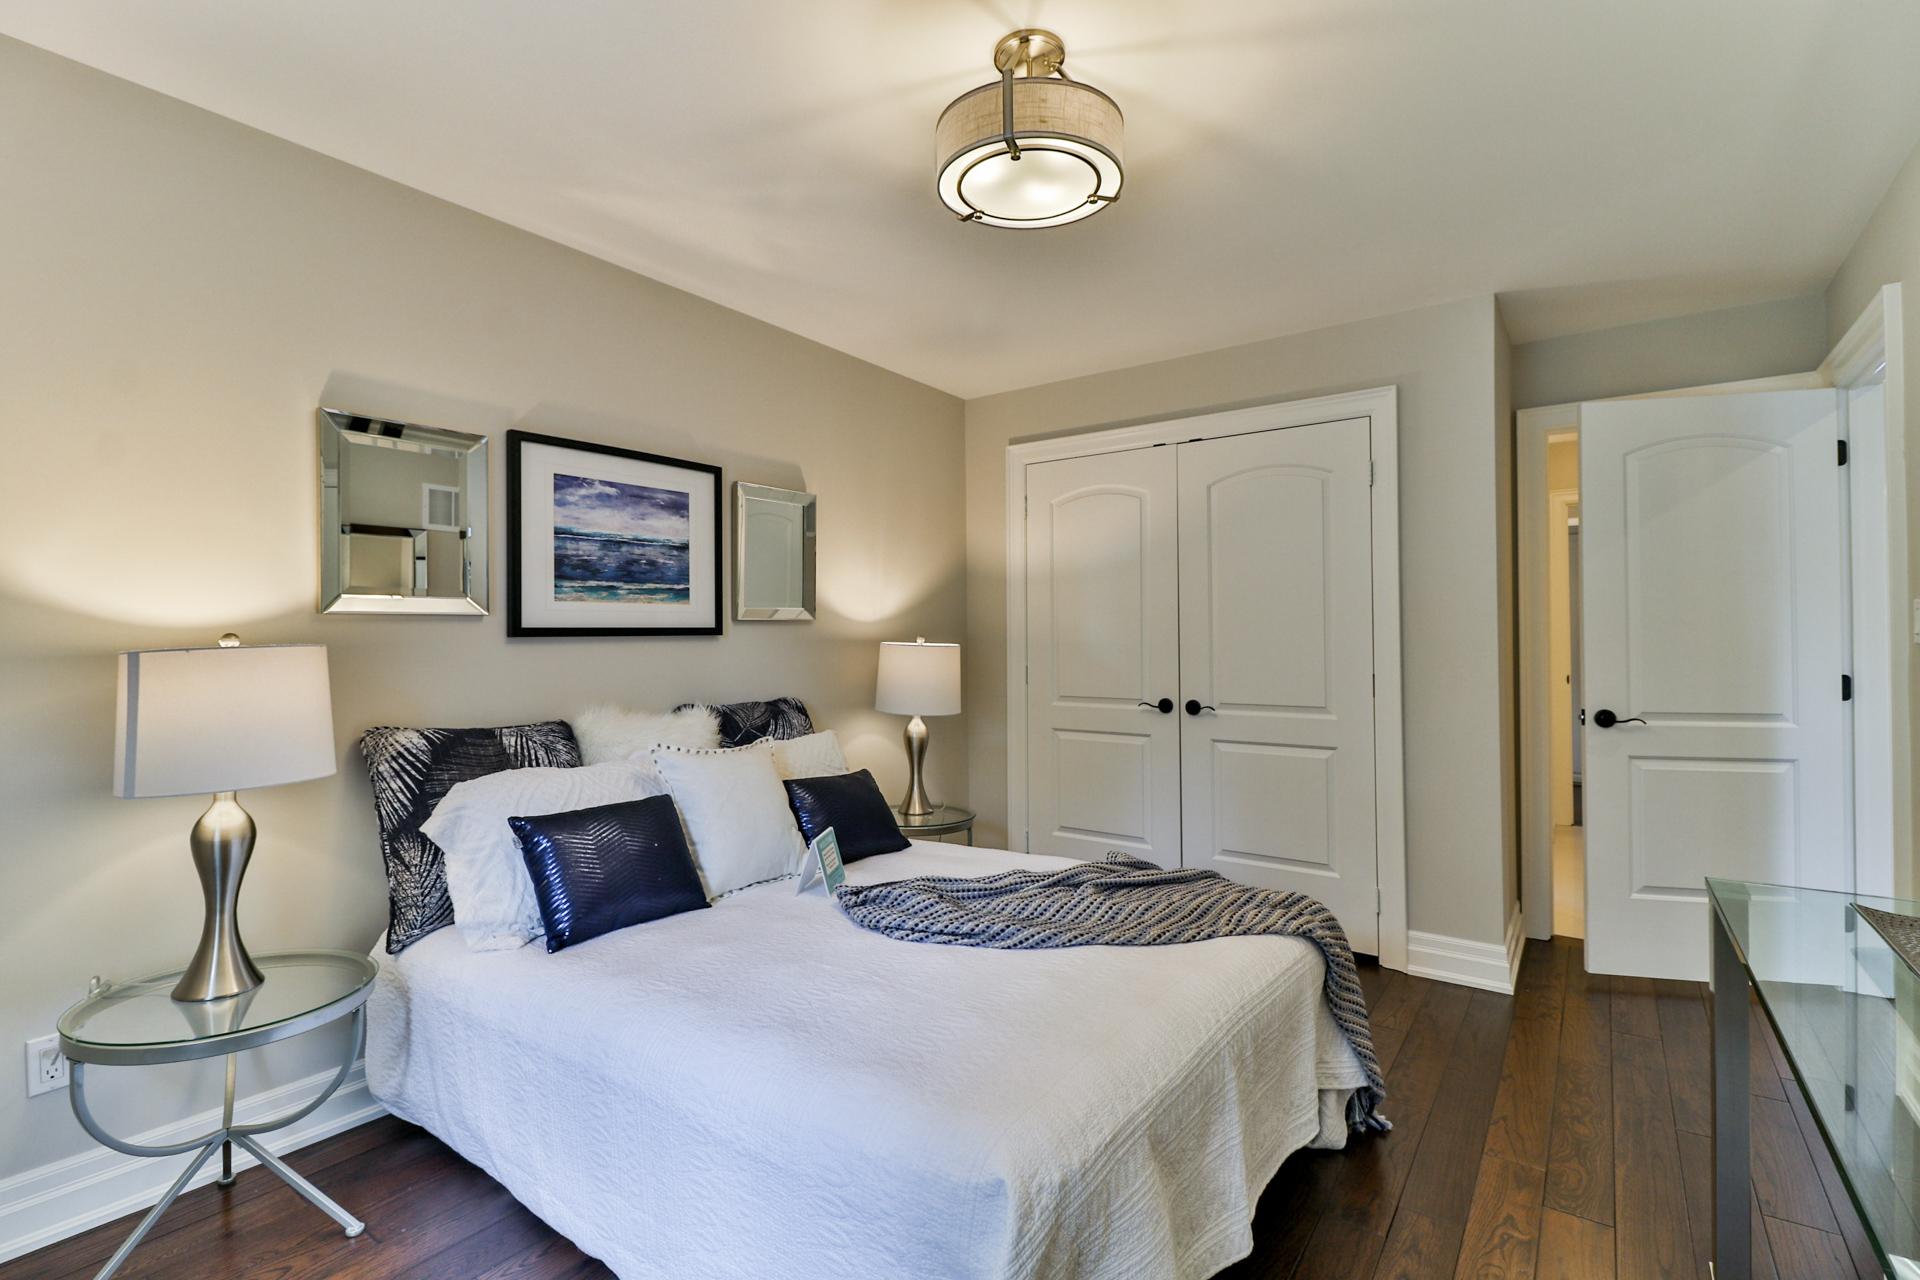 Second Bedroom, 149 Shaver, Etobicoke Home Staging